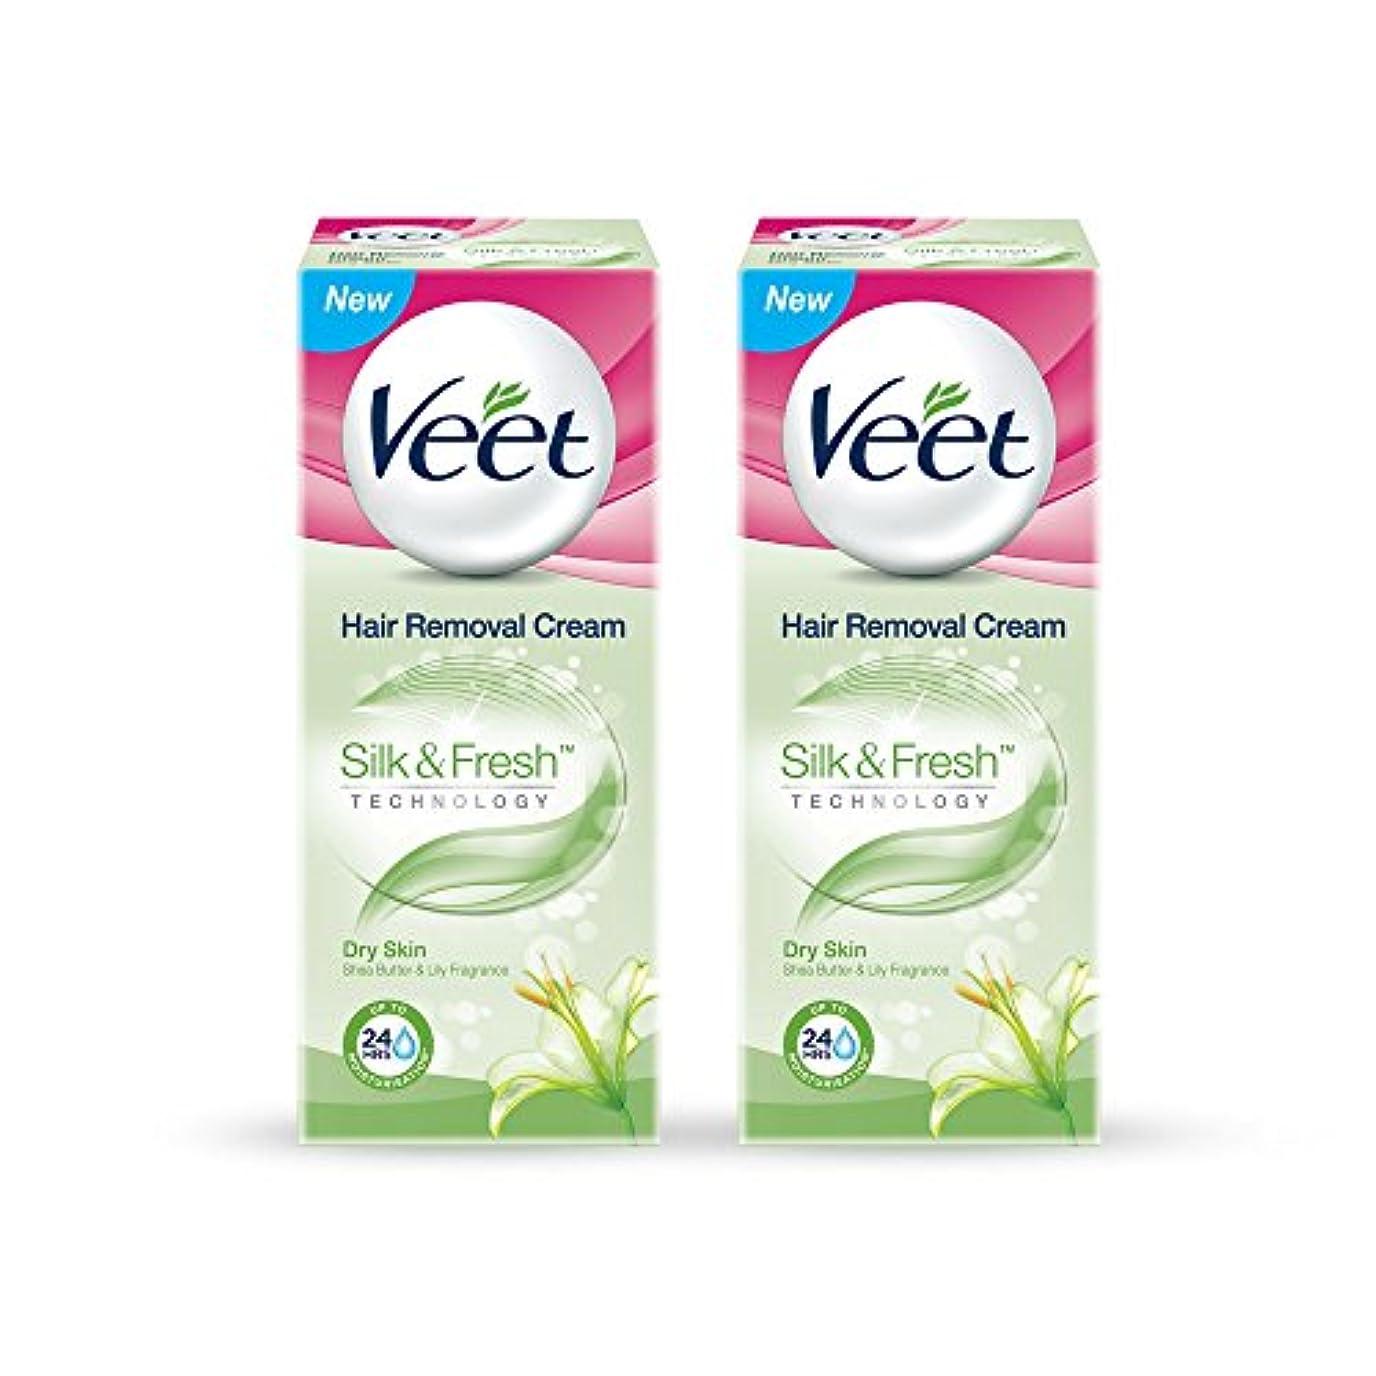 アジア人誤不安定なVeet Hair Removal Gel Cream for Dry Skin with Shea Butter & Lily Fragrance 25 g (Pack of 2)